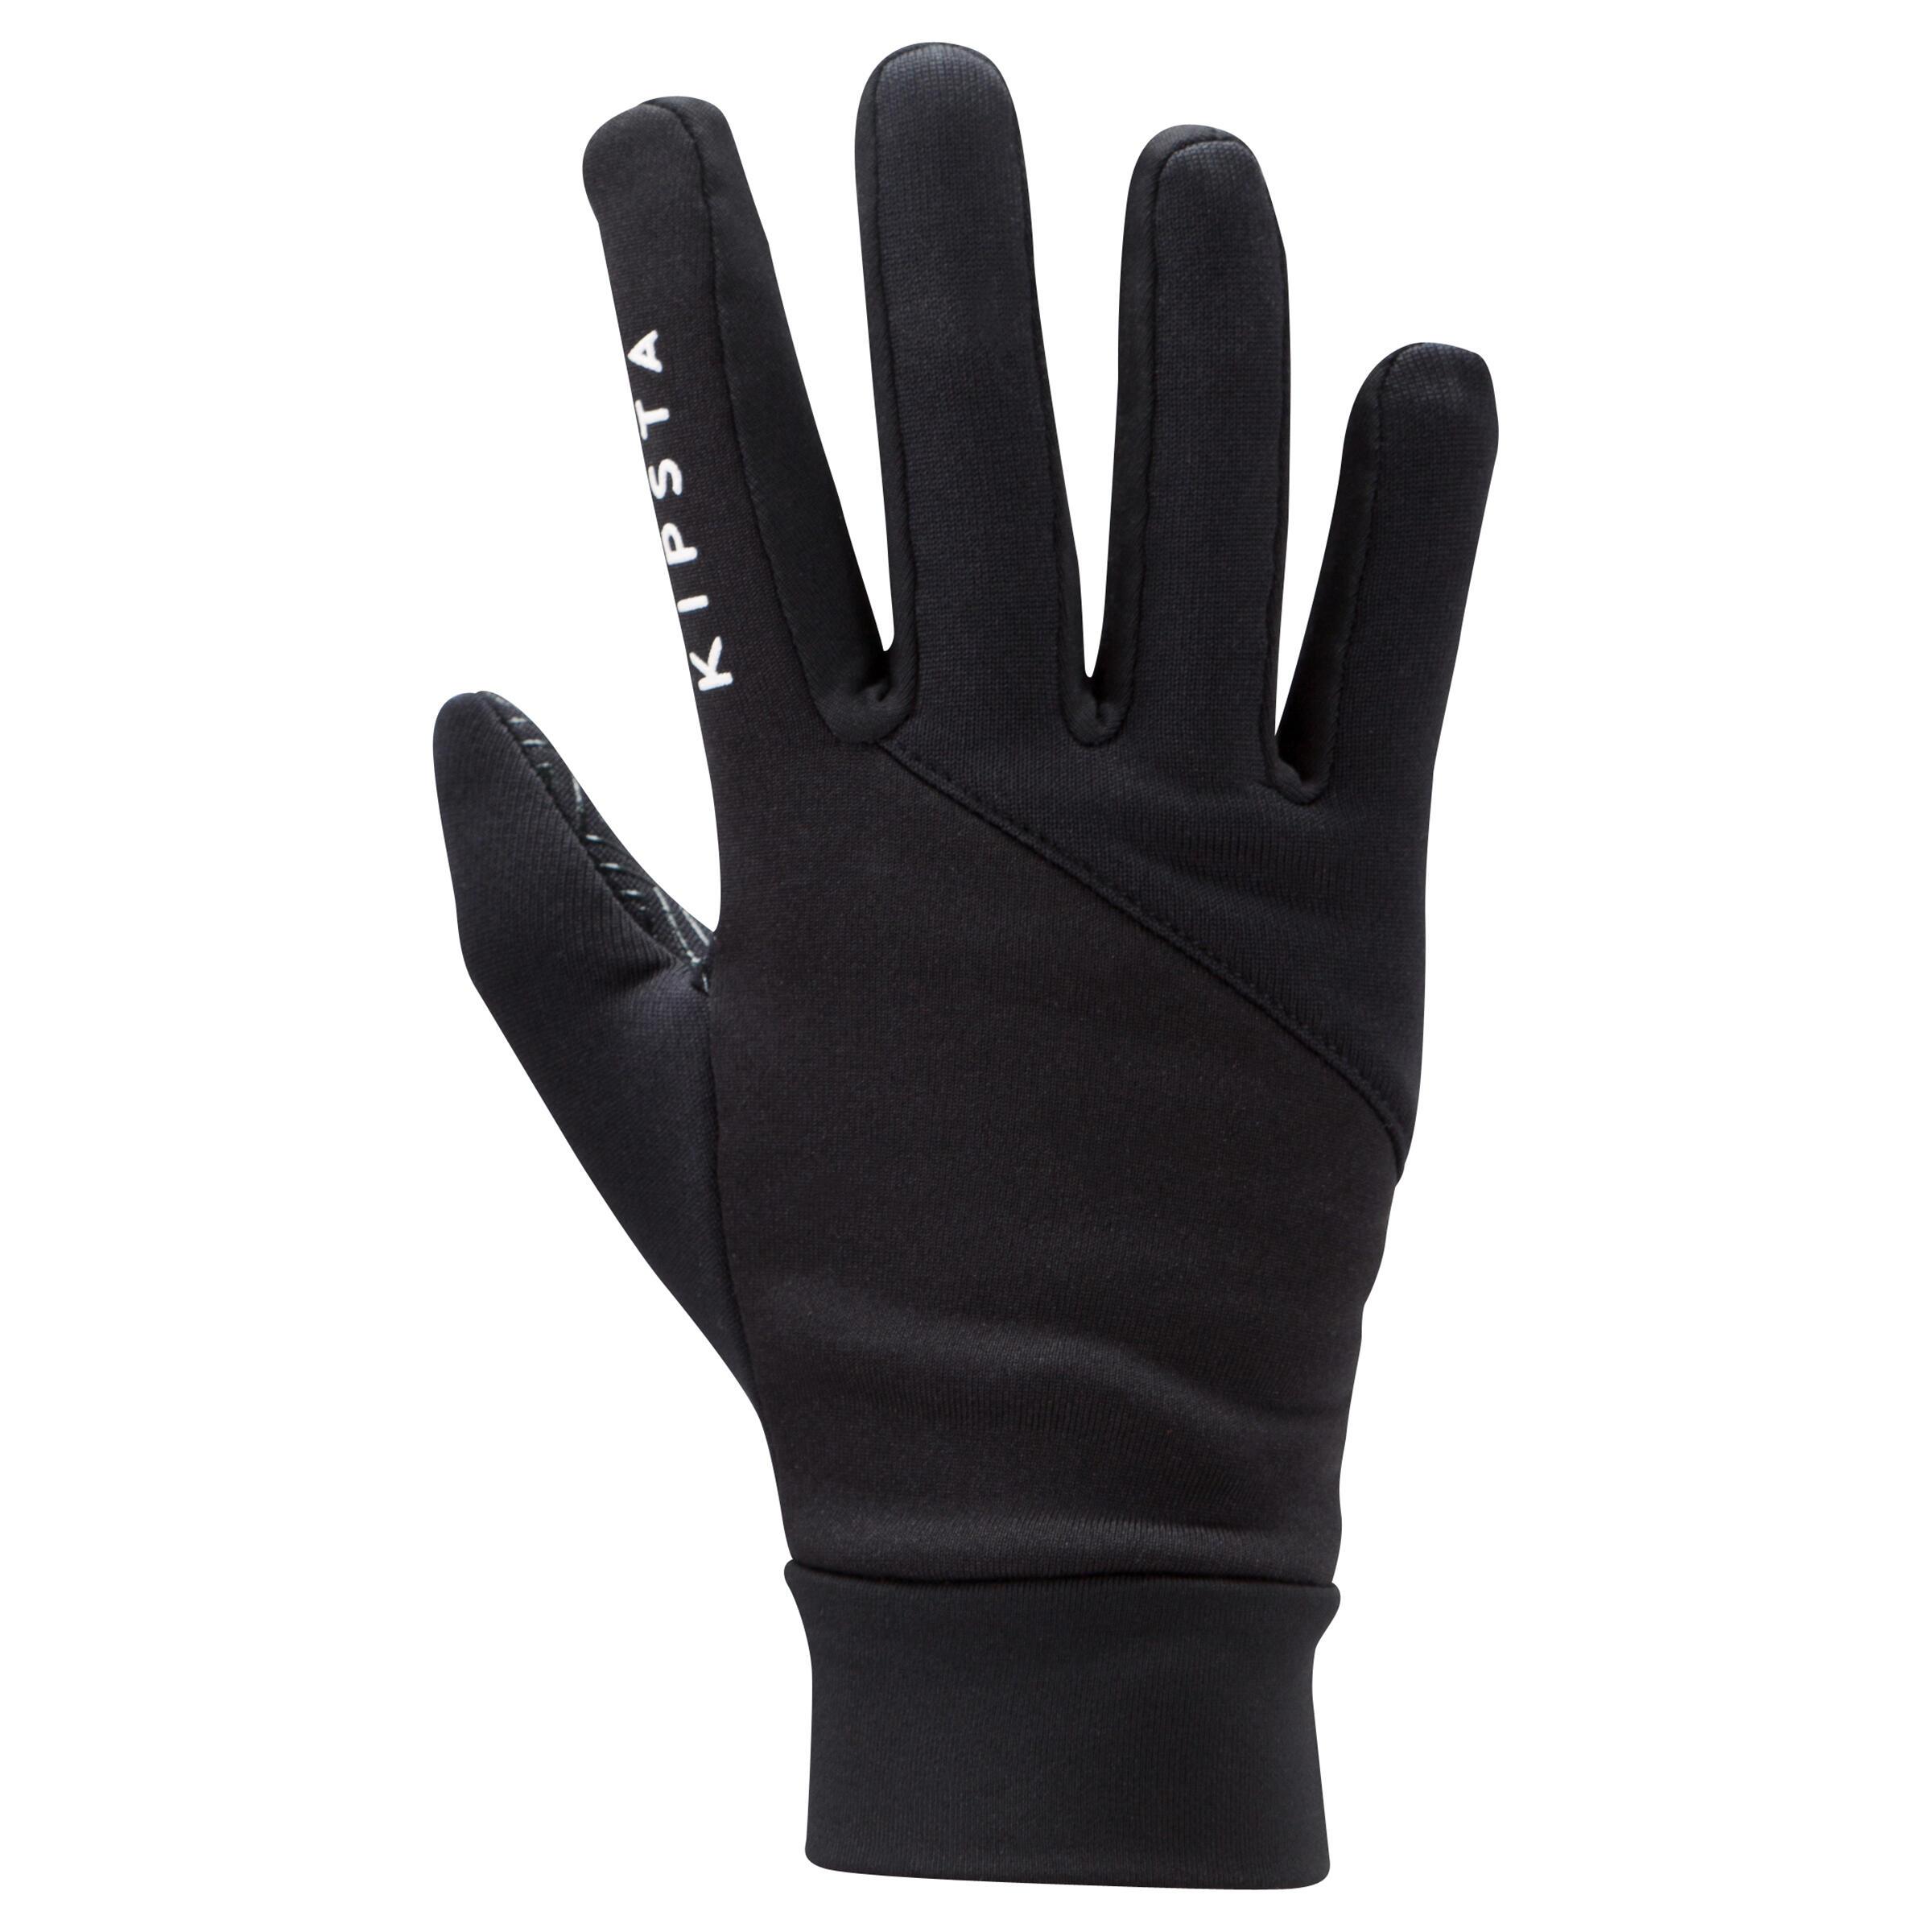 kipsta handschoenen kind keepwarm 500 decathlon nlHandschoenen #5